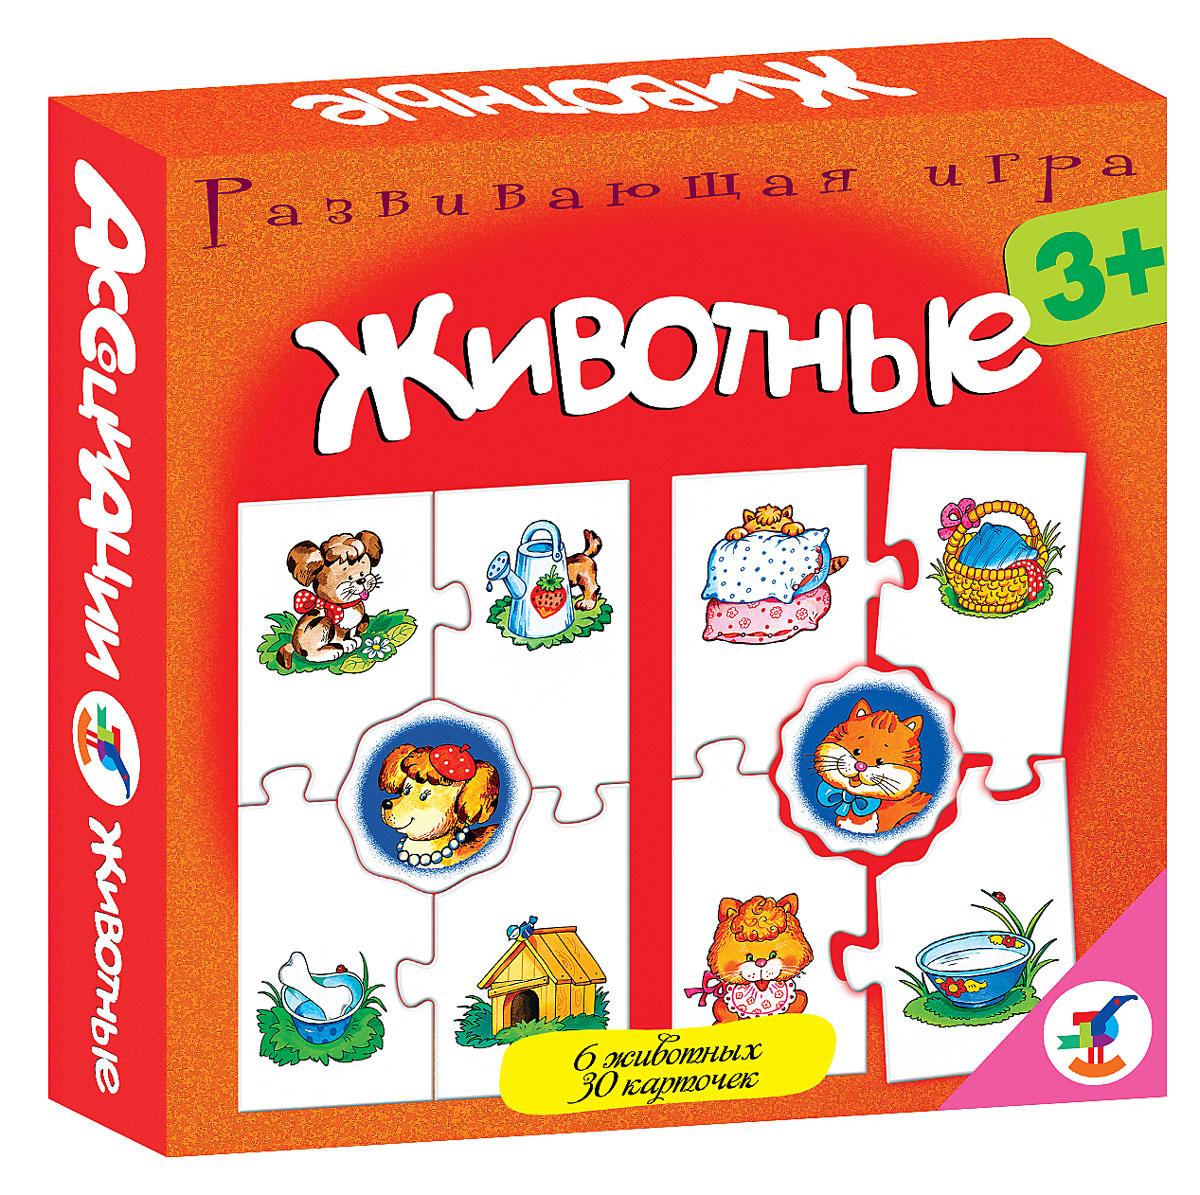 Дрофа-Медиа Пазл для малышей Ассоциации Животные2920Пазл для малышей Дрофа-Медиа Ассоциации. Животные - увлекательная красочная игра, которая станет отличным помощником в формировании ассоциативного мышления детей. В комплекте 30 карточек (6 животных), которые скрепляются между собой по принципу пазла. Малышу предлагается соединить карточки таким образом, чтобы обе половинки совпадали по смыслу. Фигурная форма карточек поможет проверить правильность ответа: если допущена ошибка, пазловый замок не соединится. Игра знакомит с представителями разных профессий, способствуют развитию внимания и памяти, расширяет кругозор.